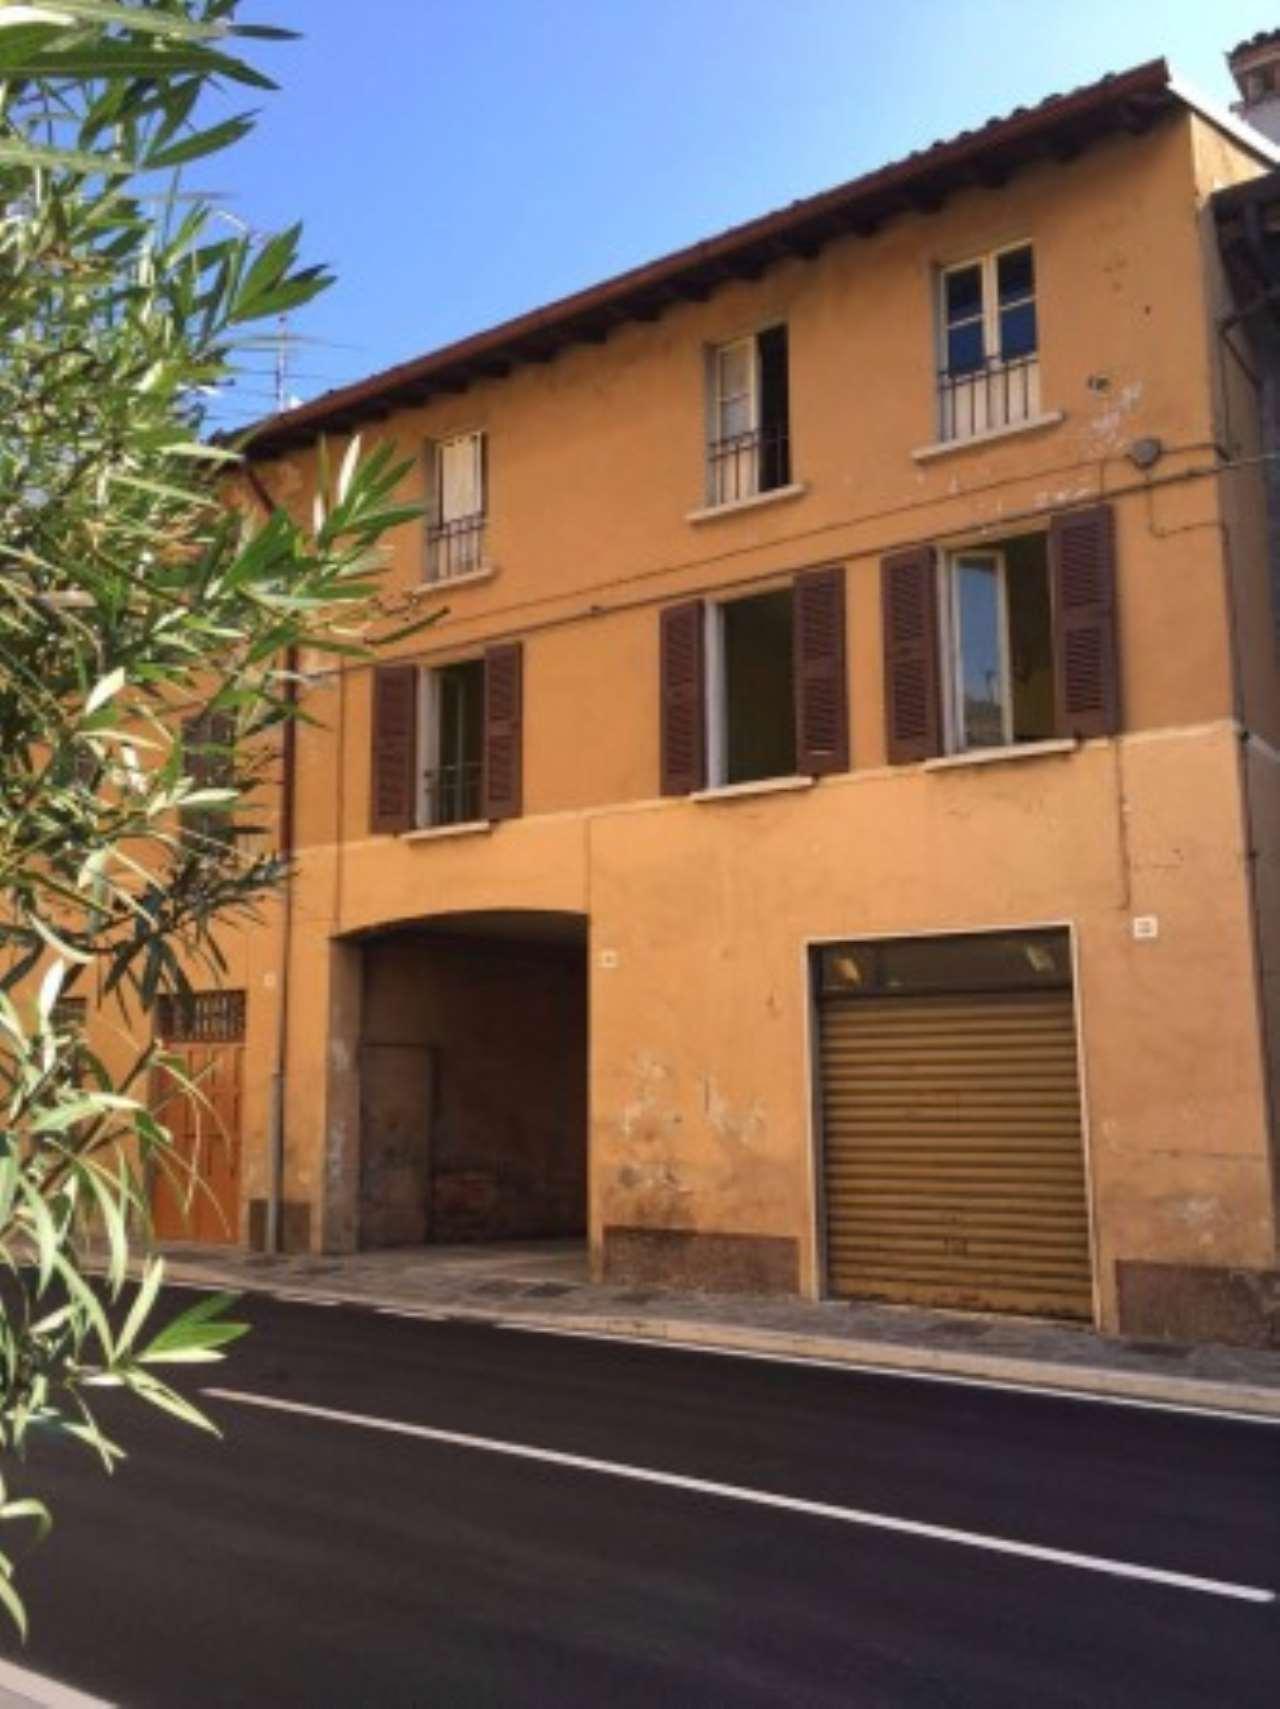 Soluzione Indipendente in vendita a Bagnolo Mella, 6 locali, prezzo € 97.000 | Cambio Casa.it